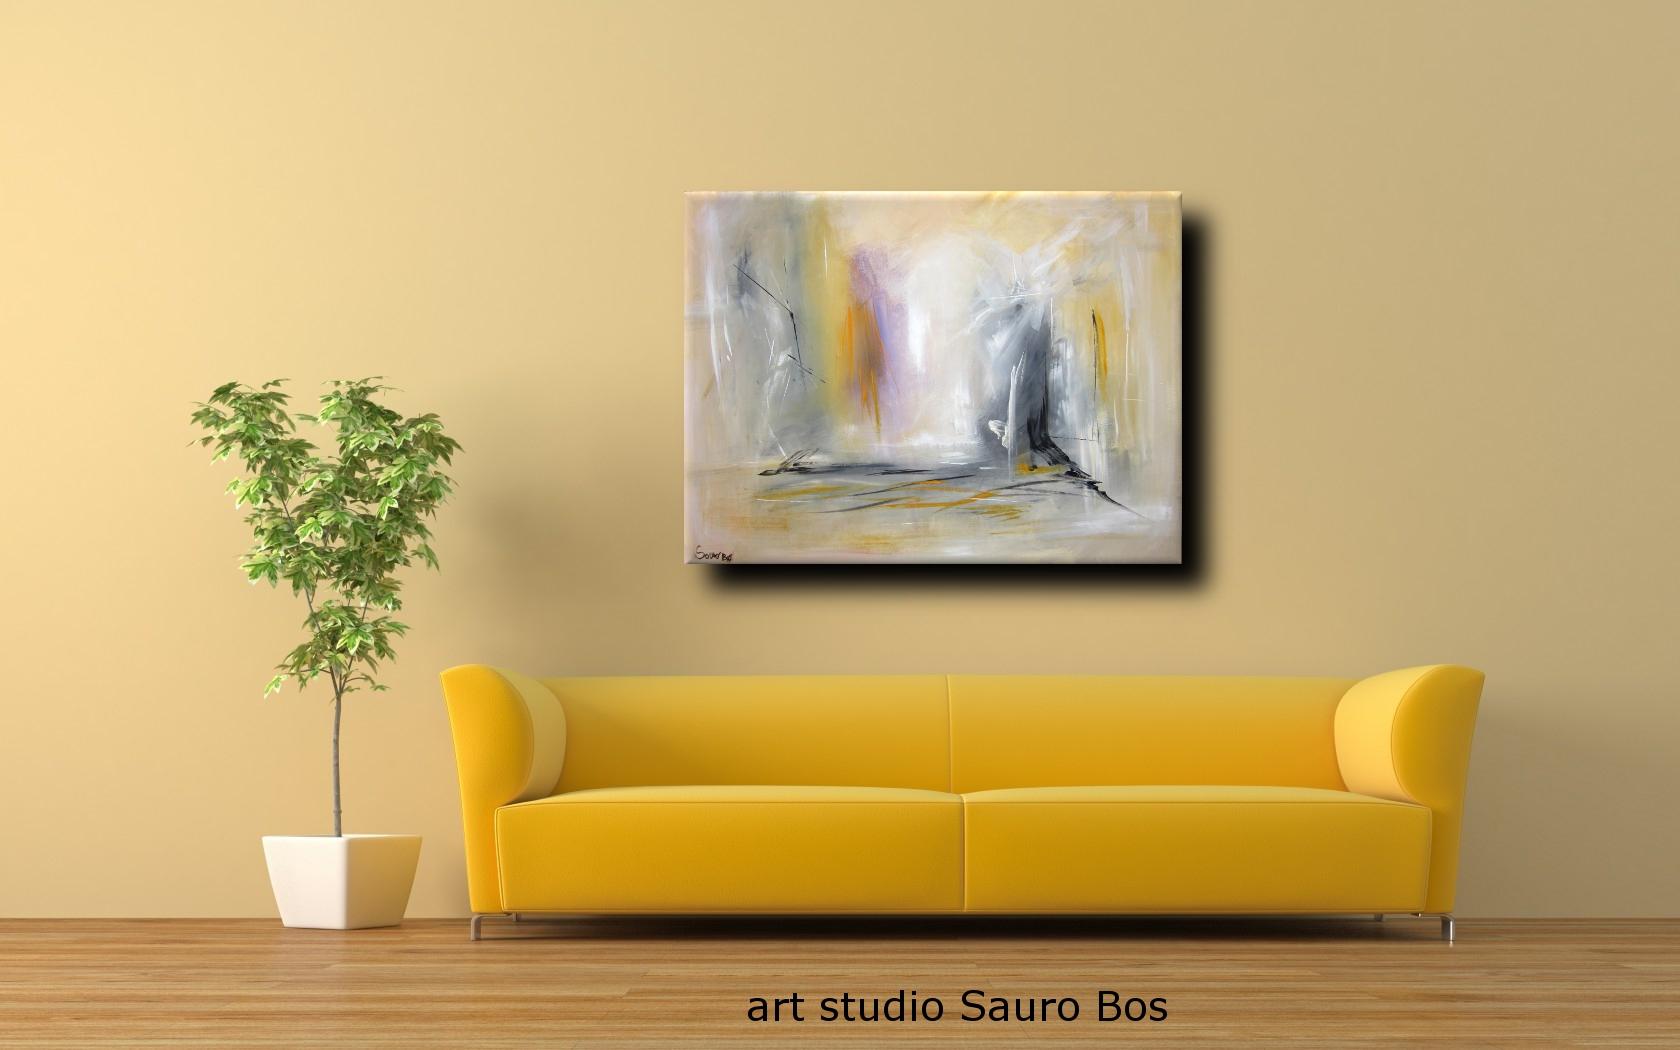 Dipinto astratto per soggiorno ufficio sauro bos - Quadri per sala da pranzo ...